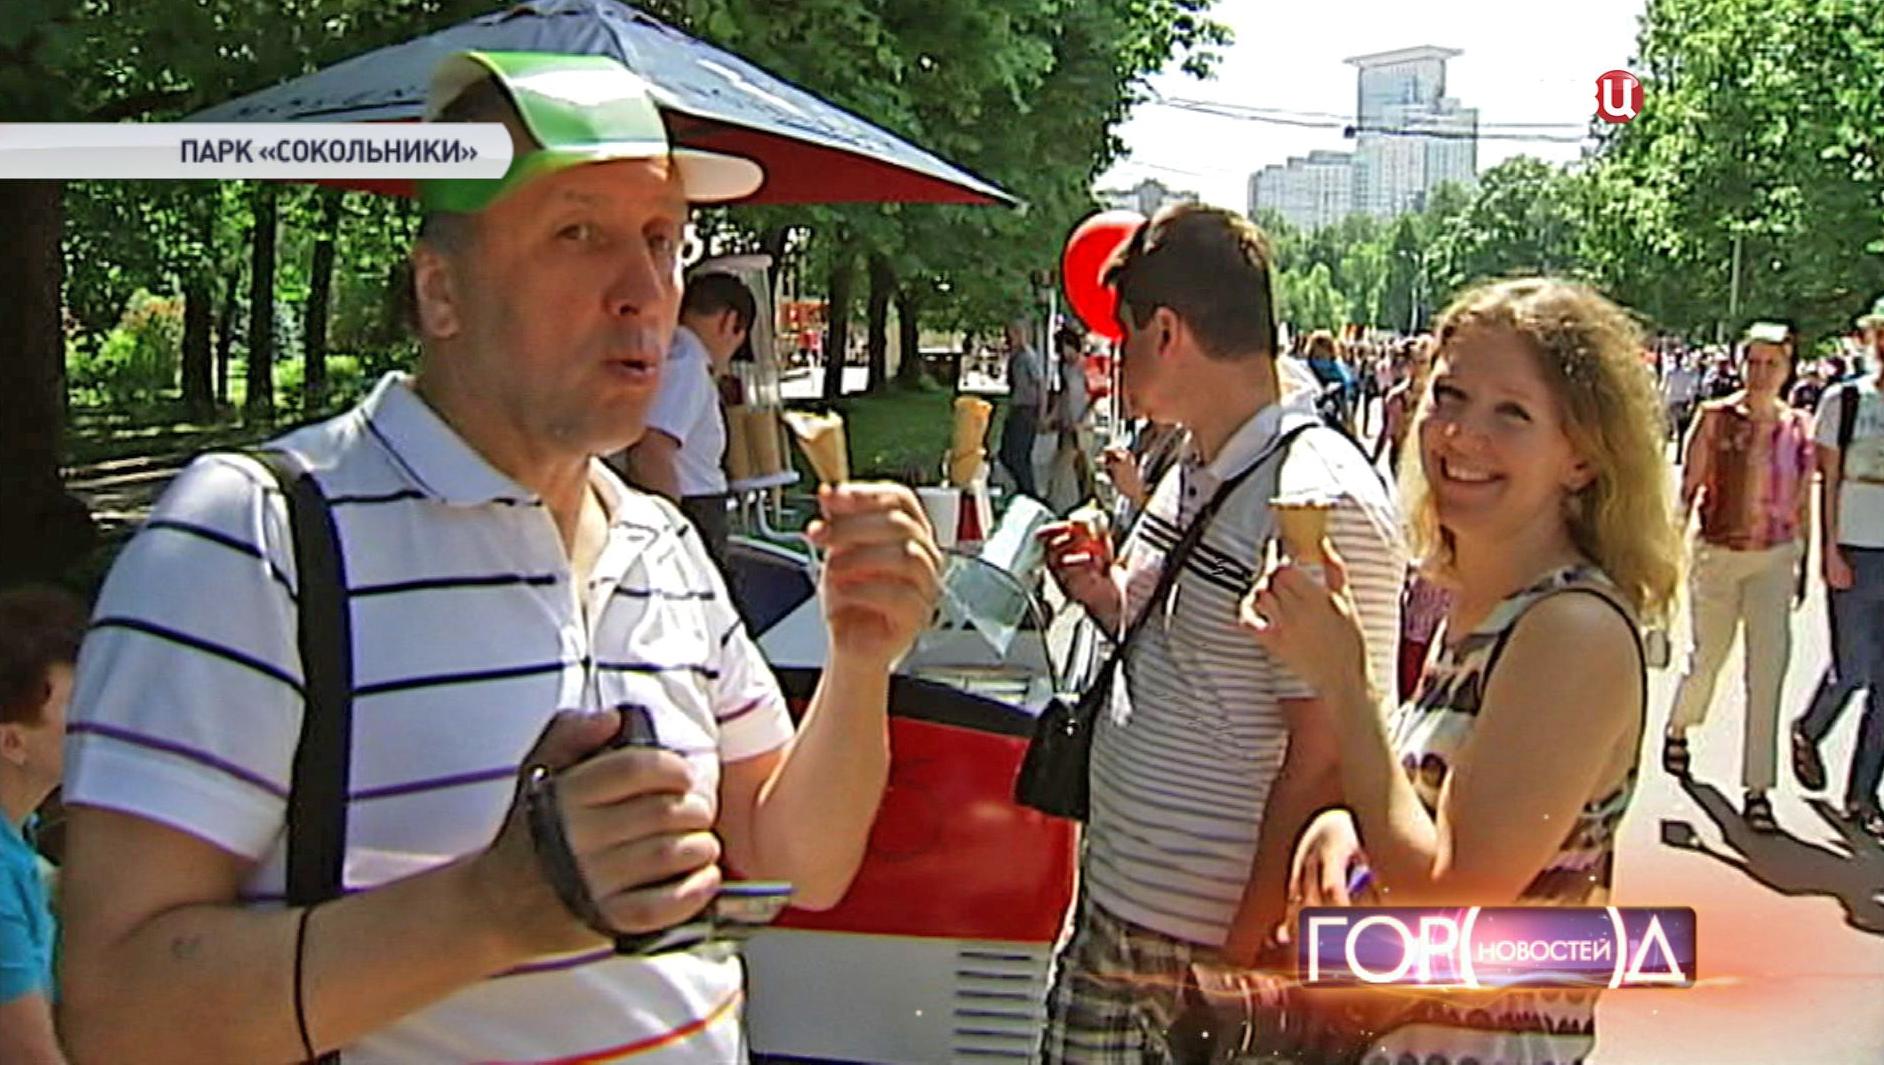 """Посетители фестиваля мороженого в парке """"Сокольники"""""""